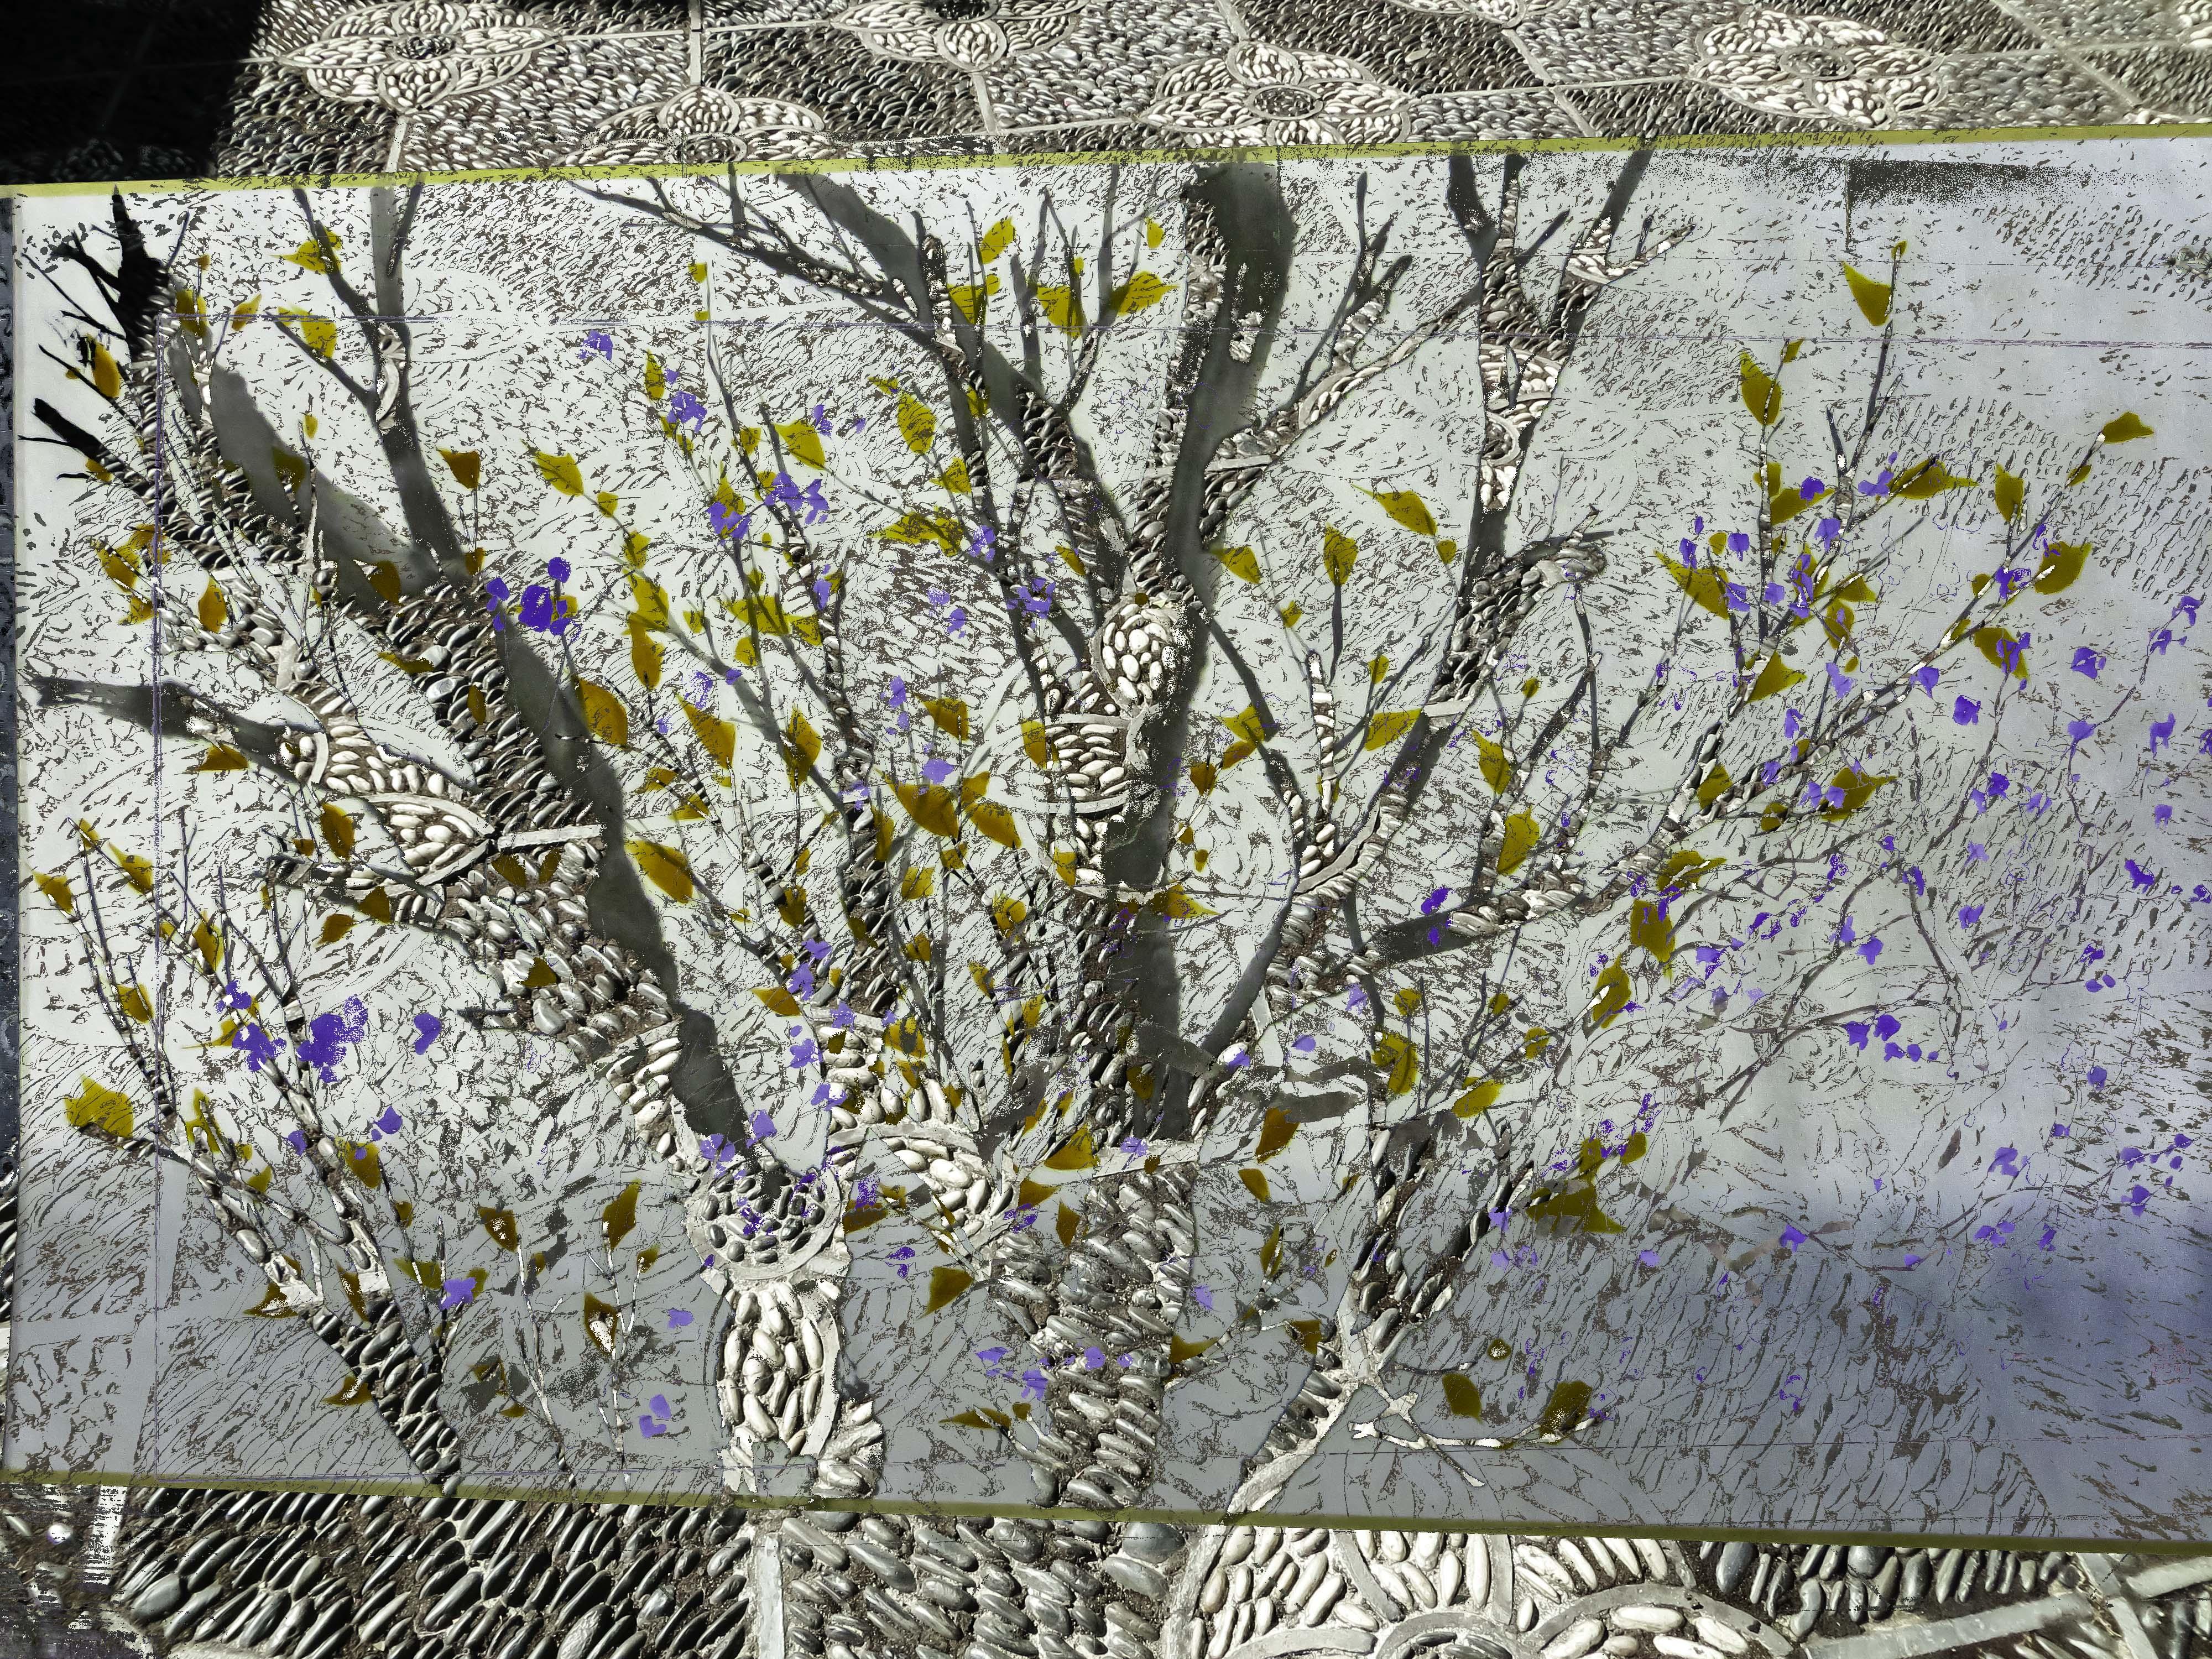 TreeWalk FLW 455656 jiuytt.jpg